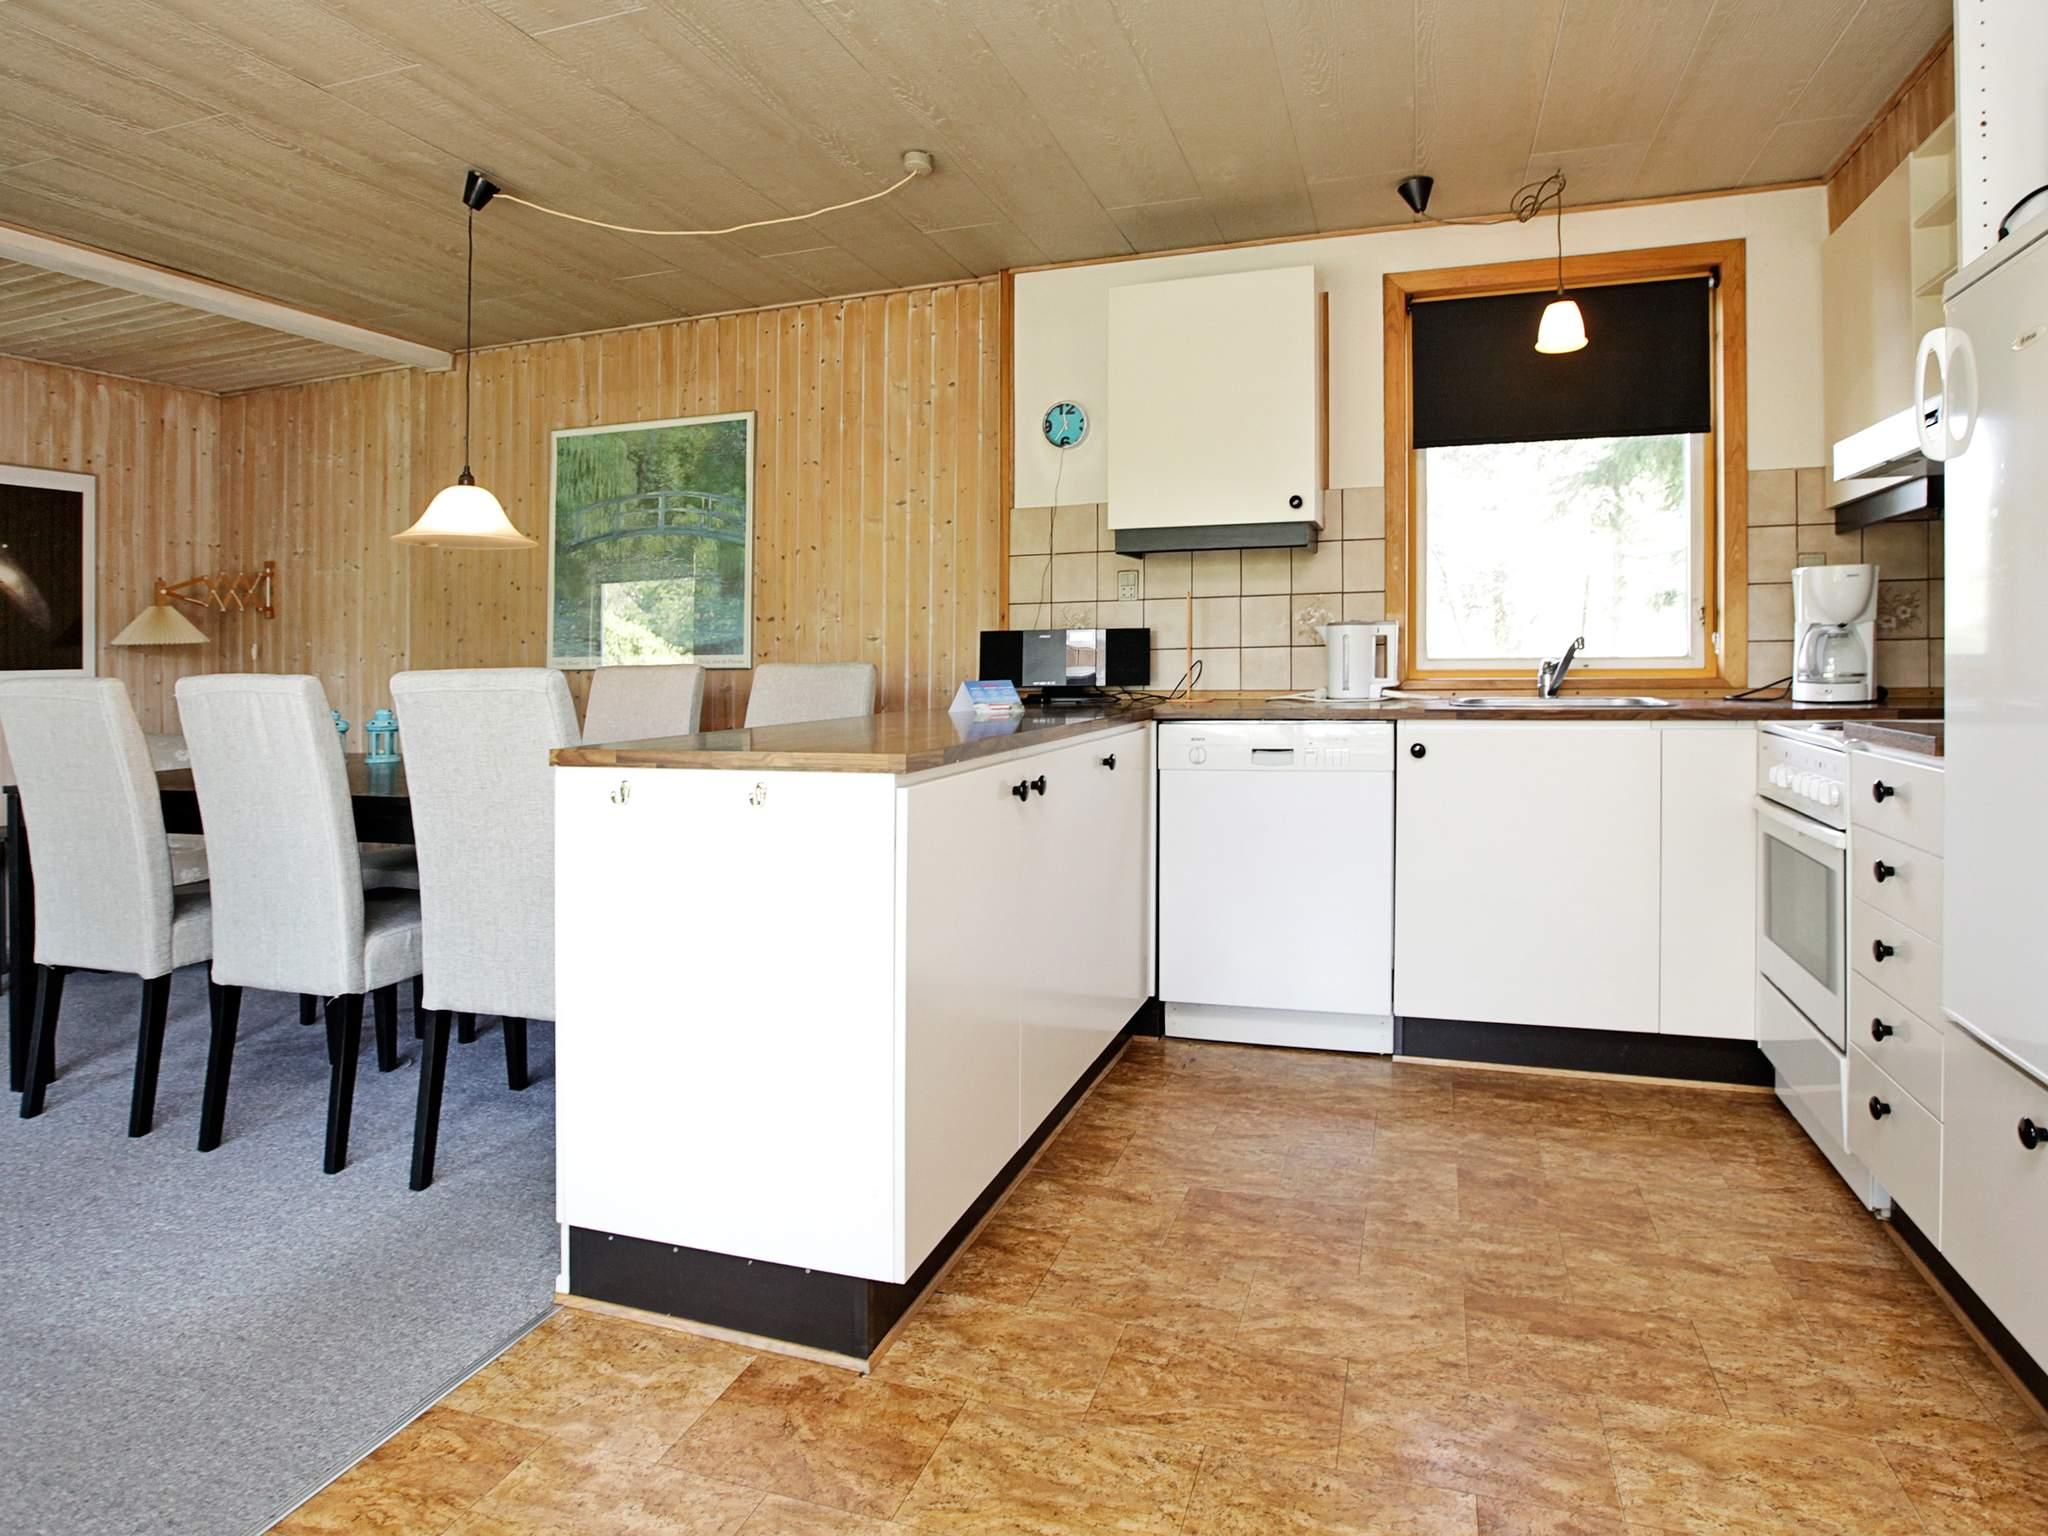 Ferienhaus Marielyst (83531), Marielyst, , Falster, Dänemark, Bild 5